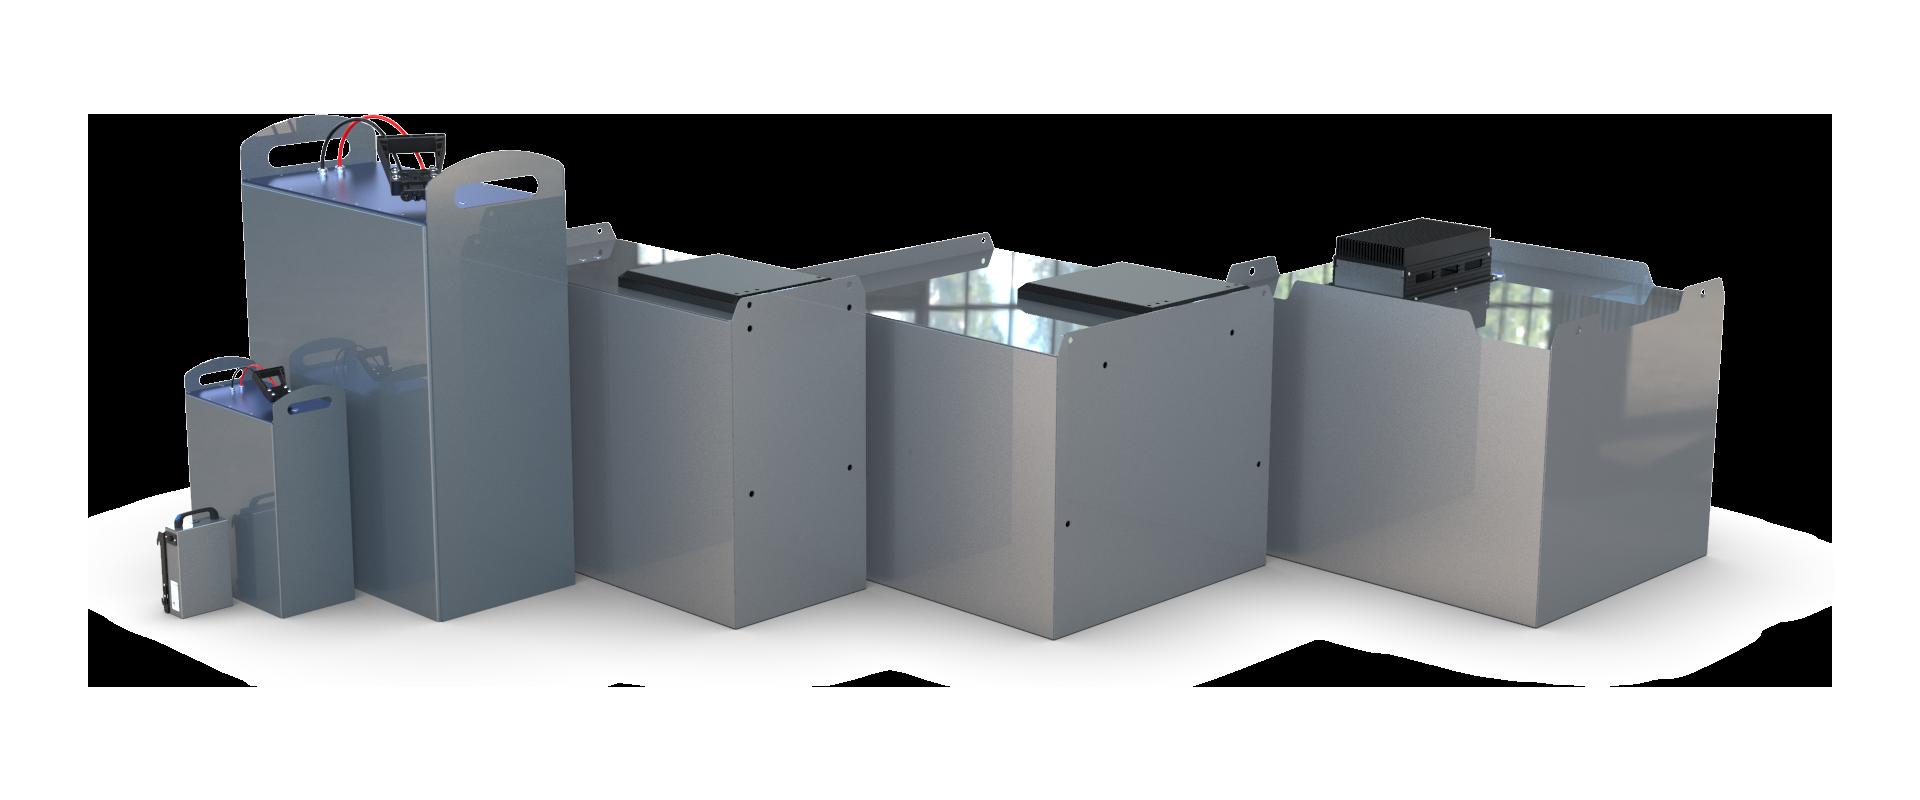 Gama de batería industrial de Alterity